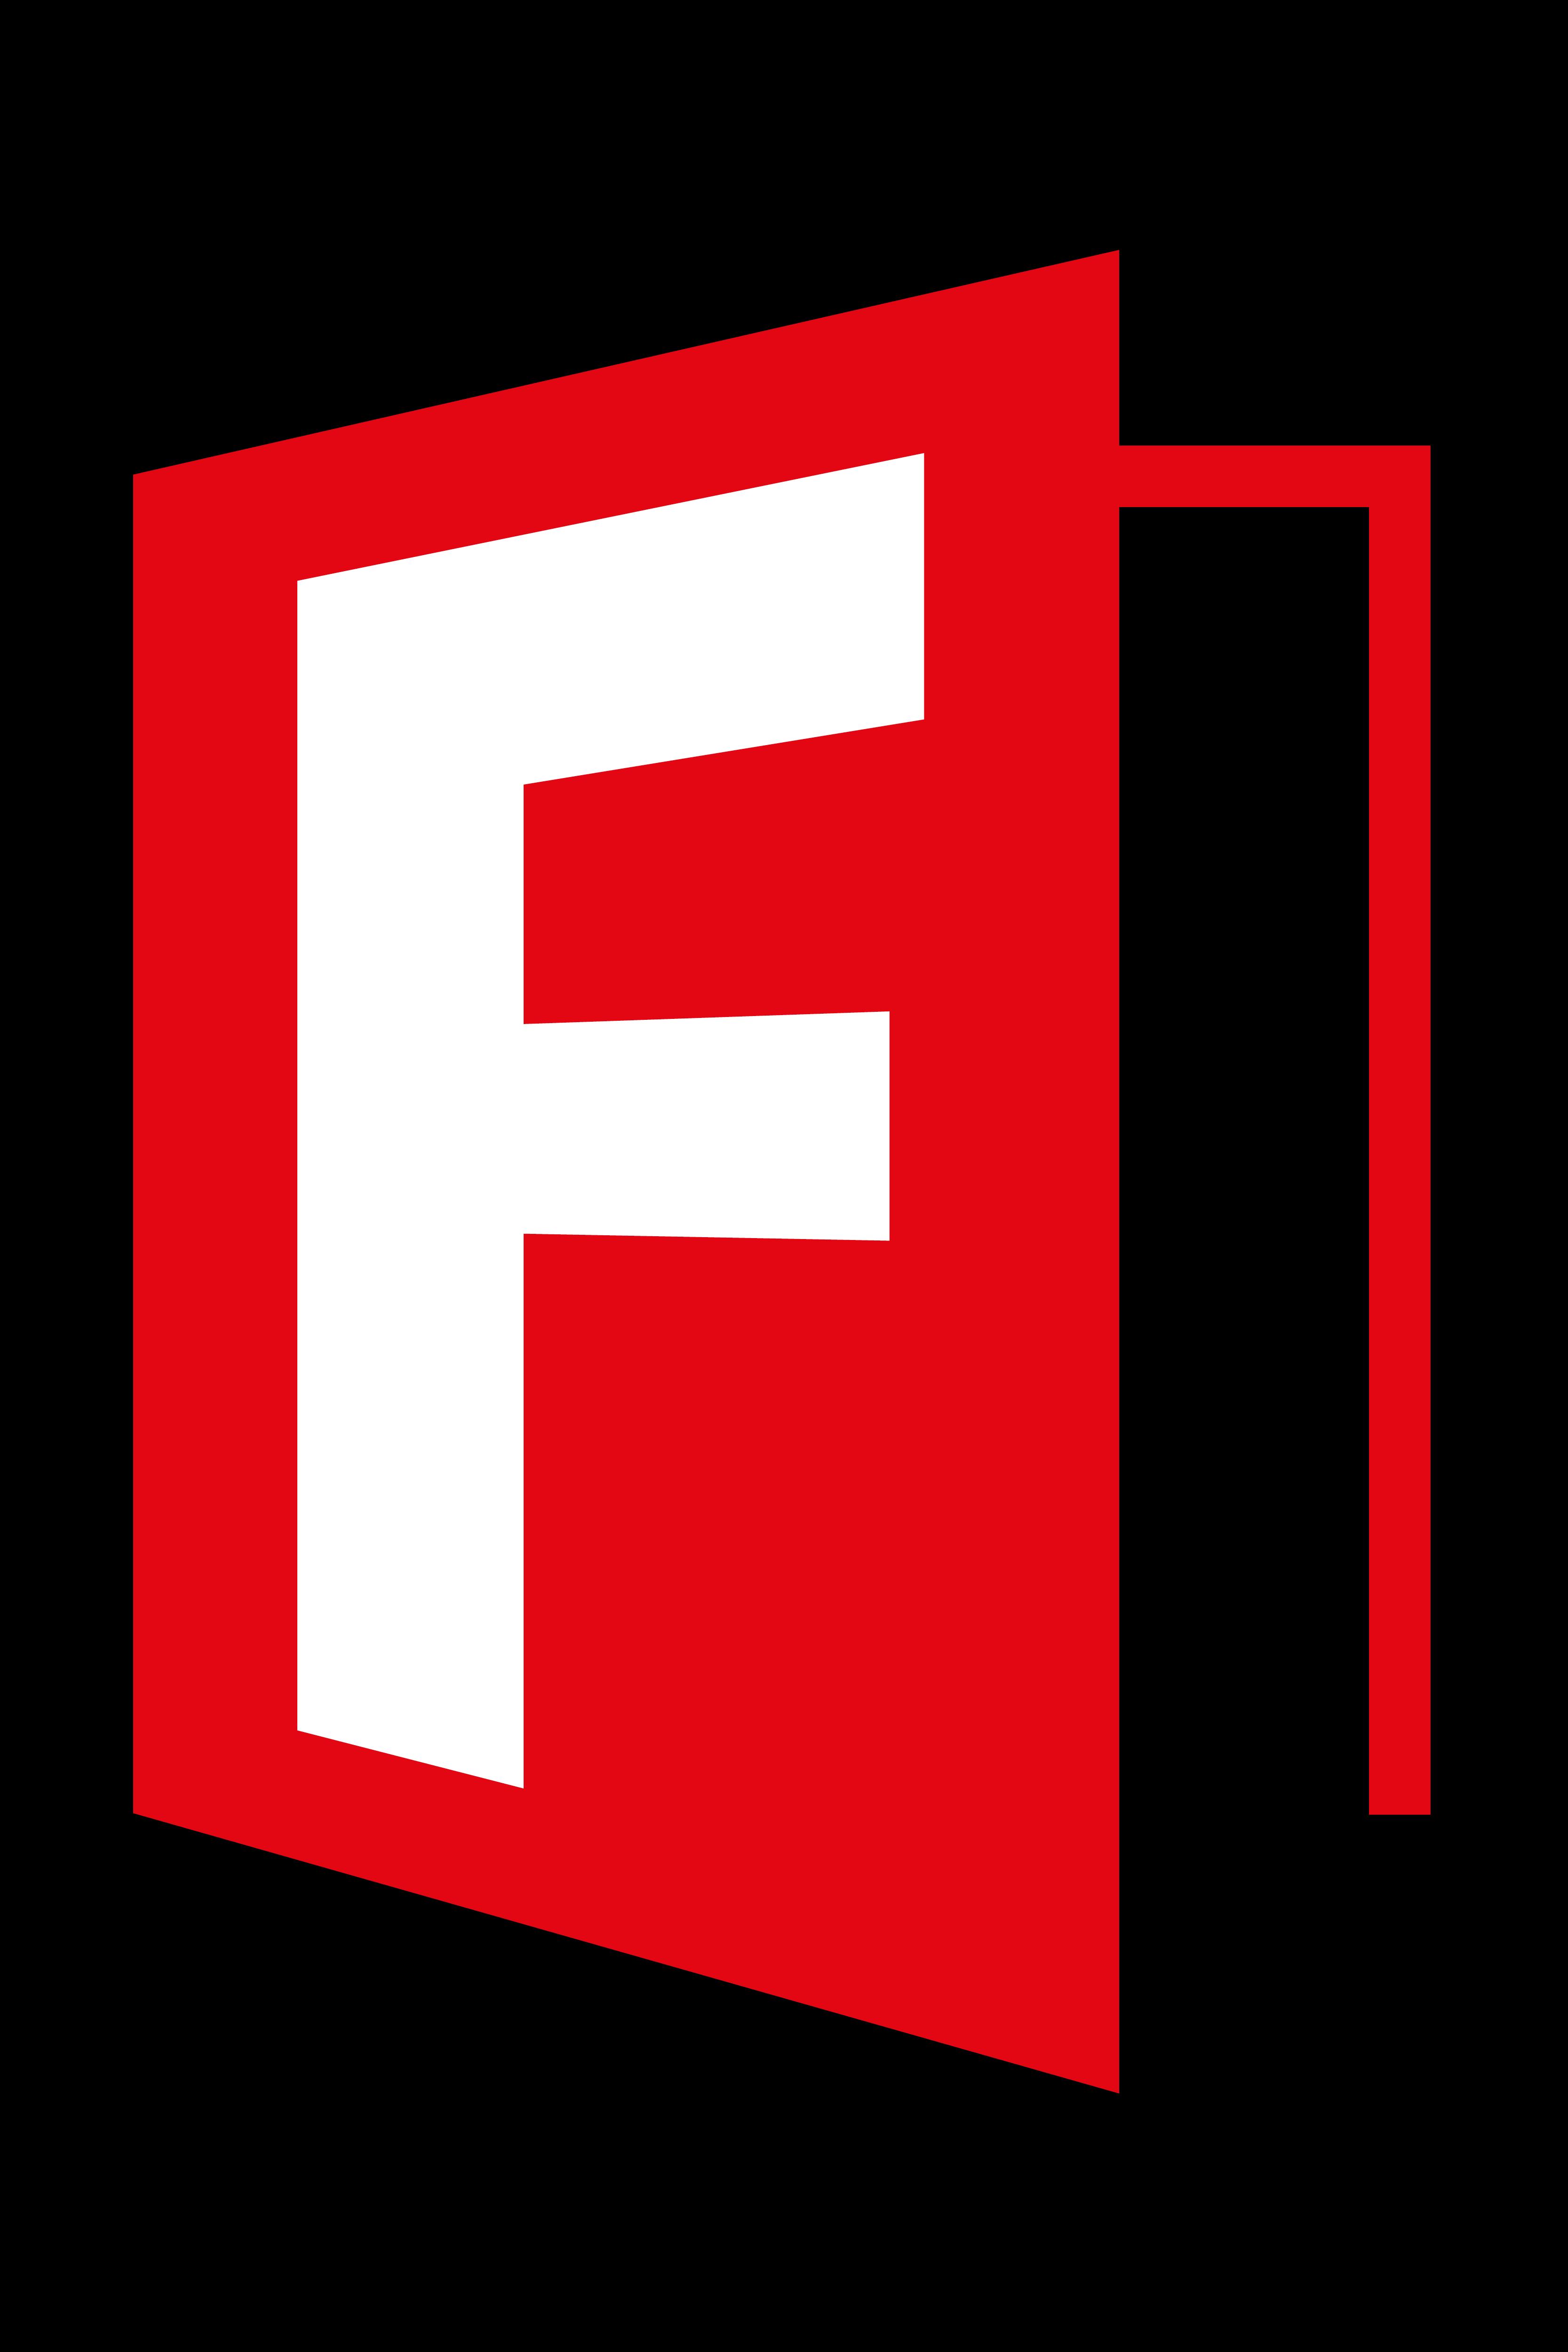 Logo Walterhöfer Tür- und Brandschutztechnik